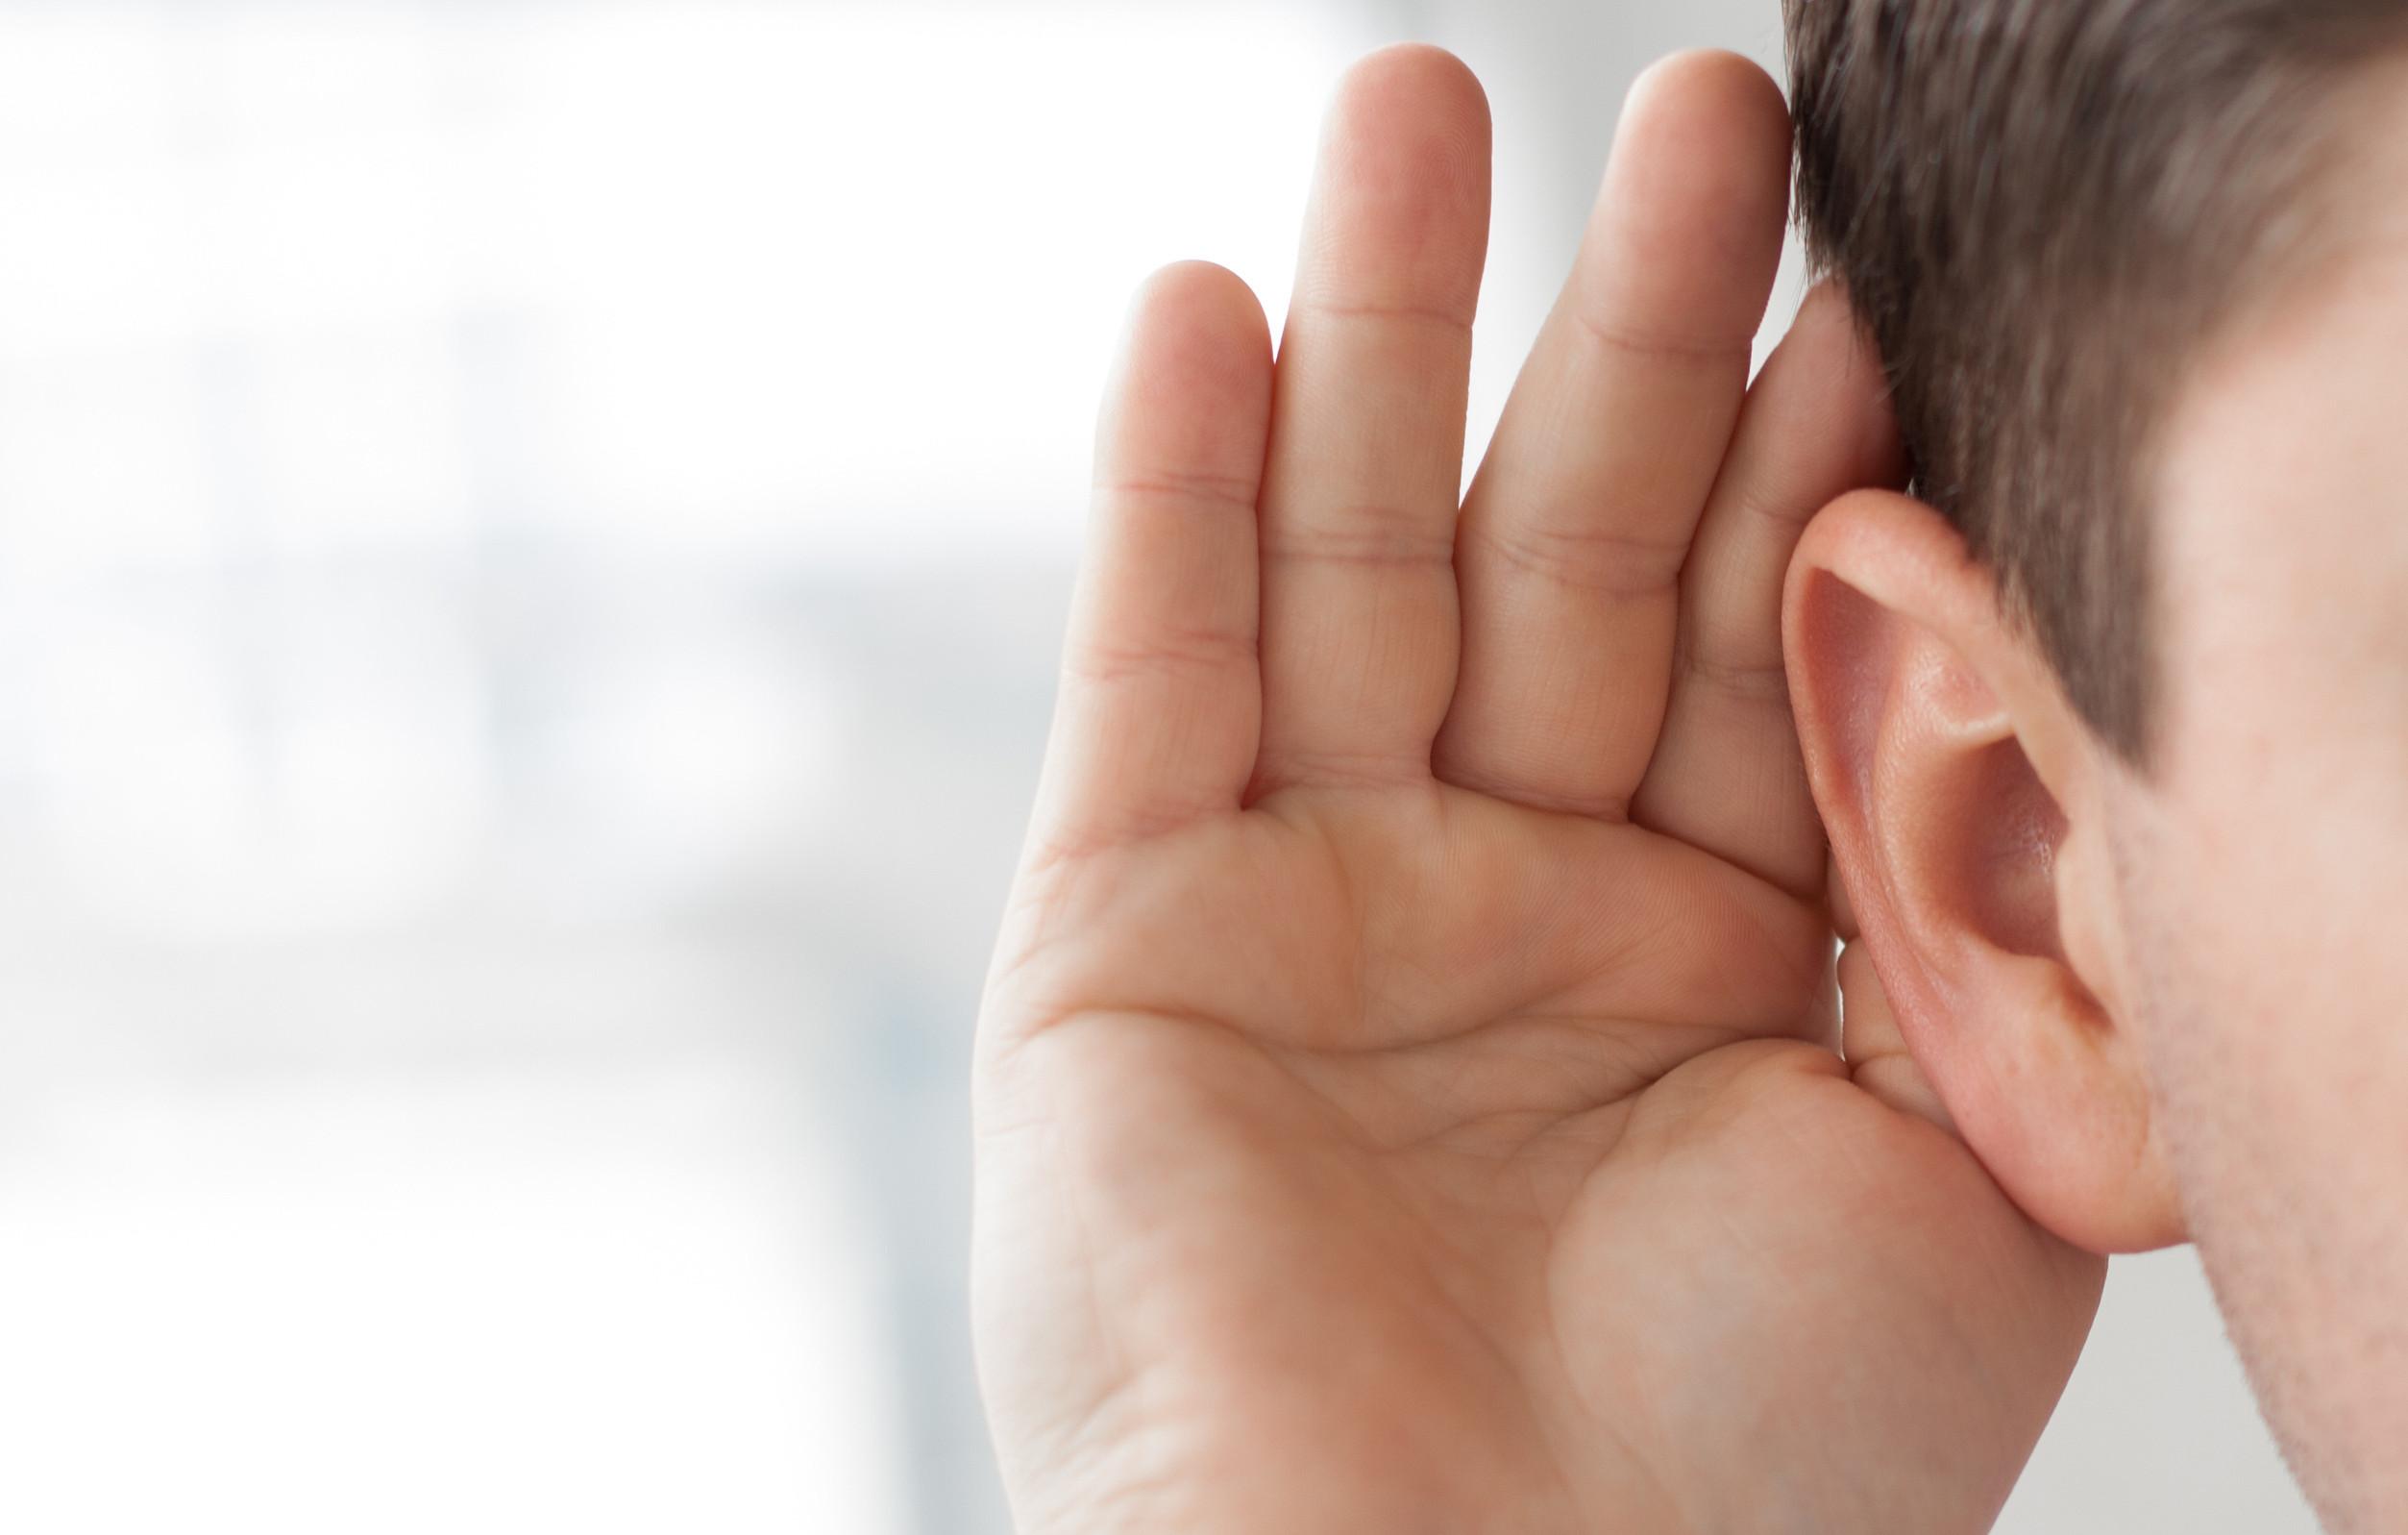 ninitest.com |    روز شنوایی جهانی 2020: شنوایی برای زندگی 3 مارس 2020